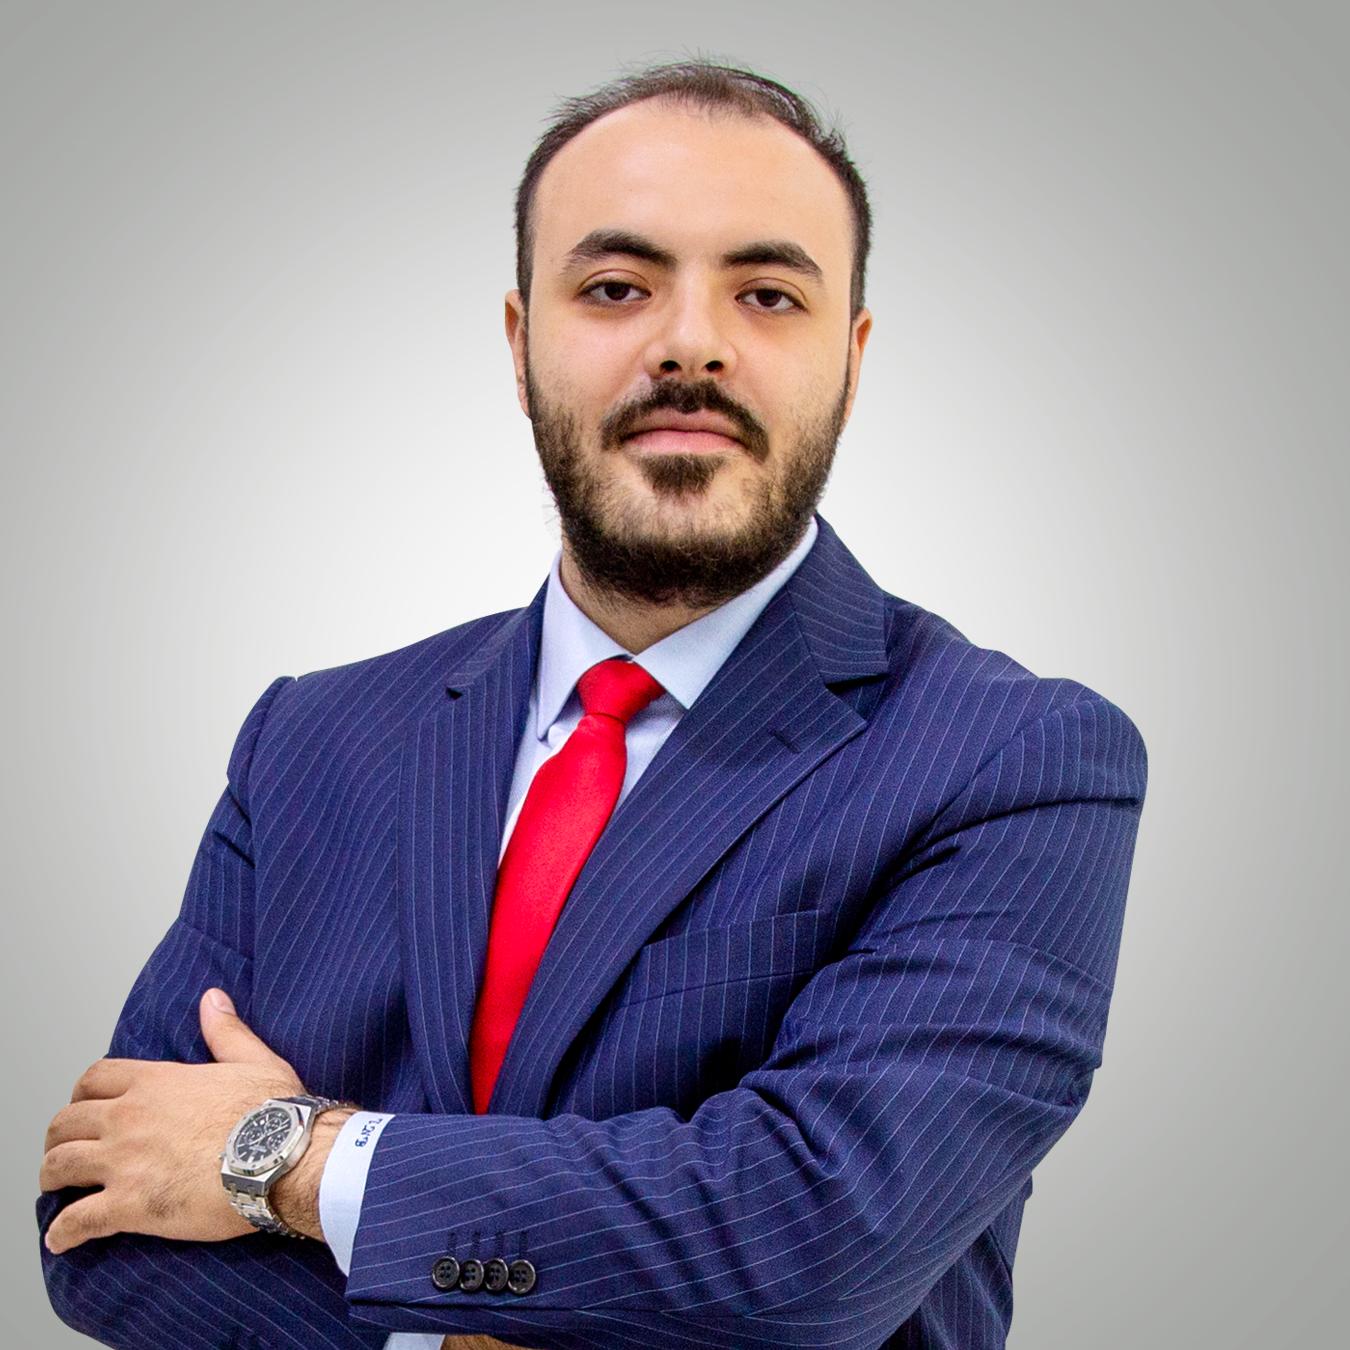 Tarek Nader Baria